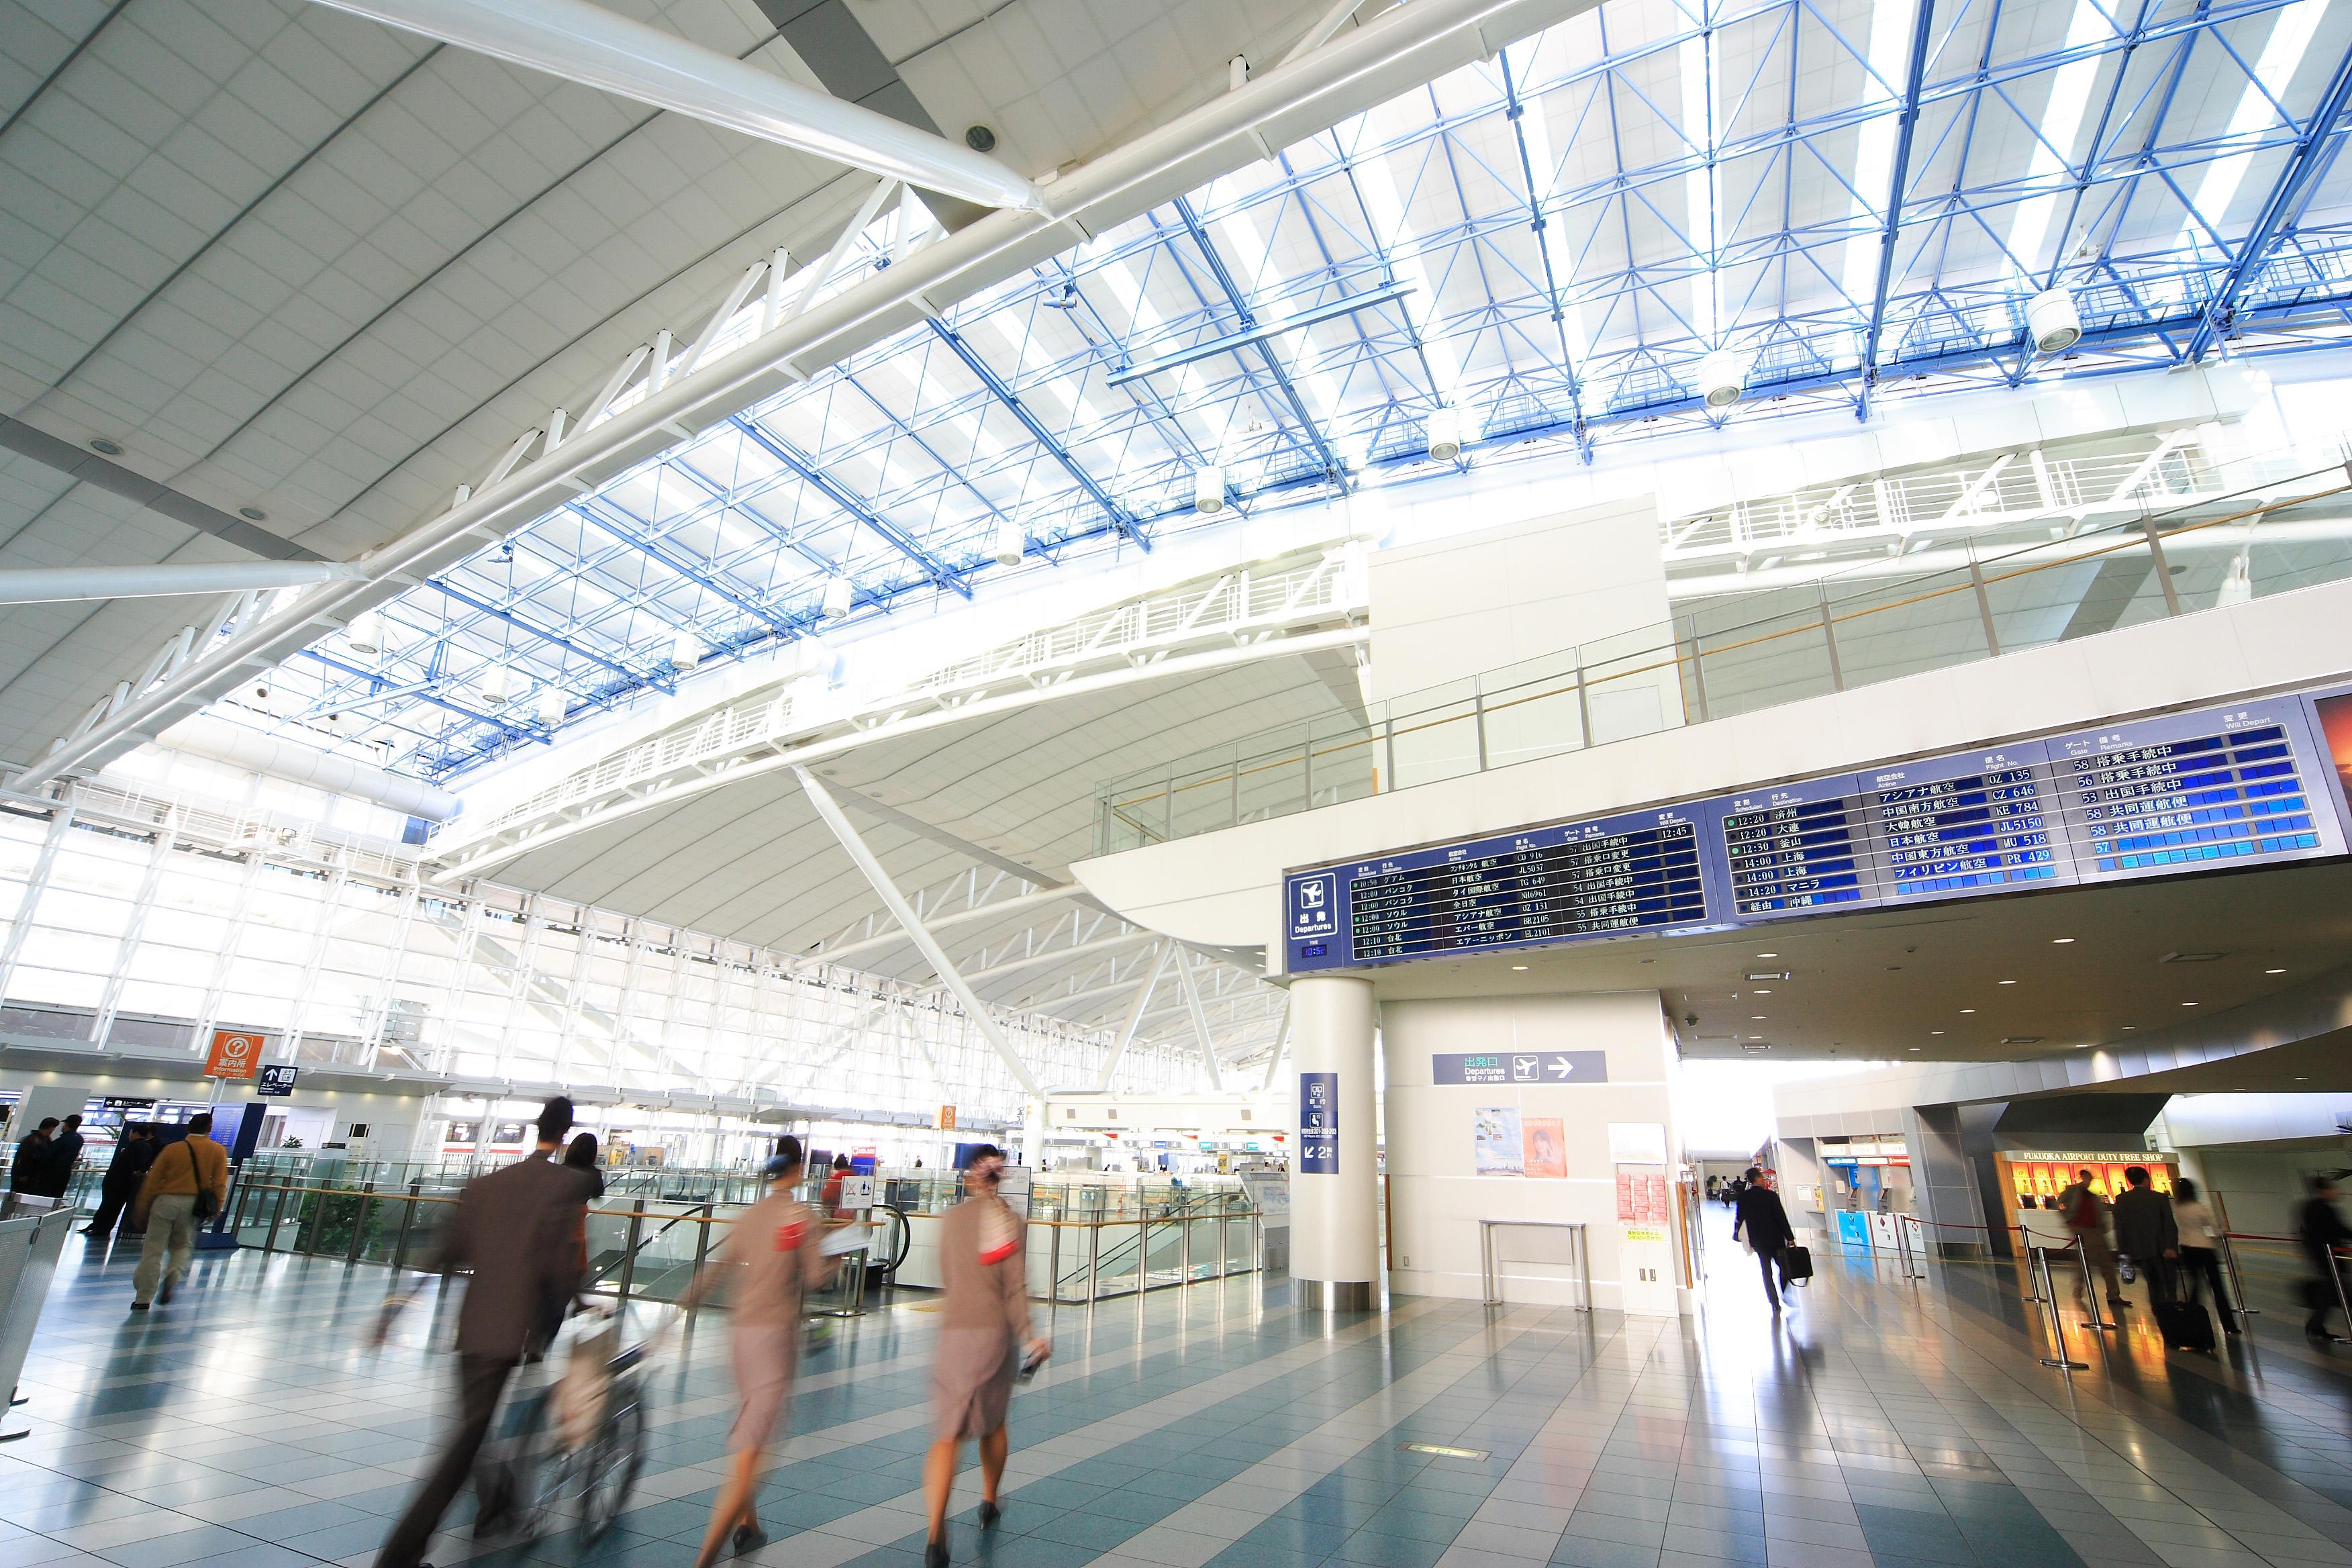 福岡空港国際線ターミナル(2006)の画像